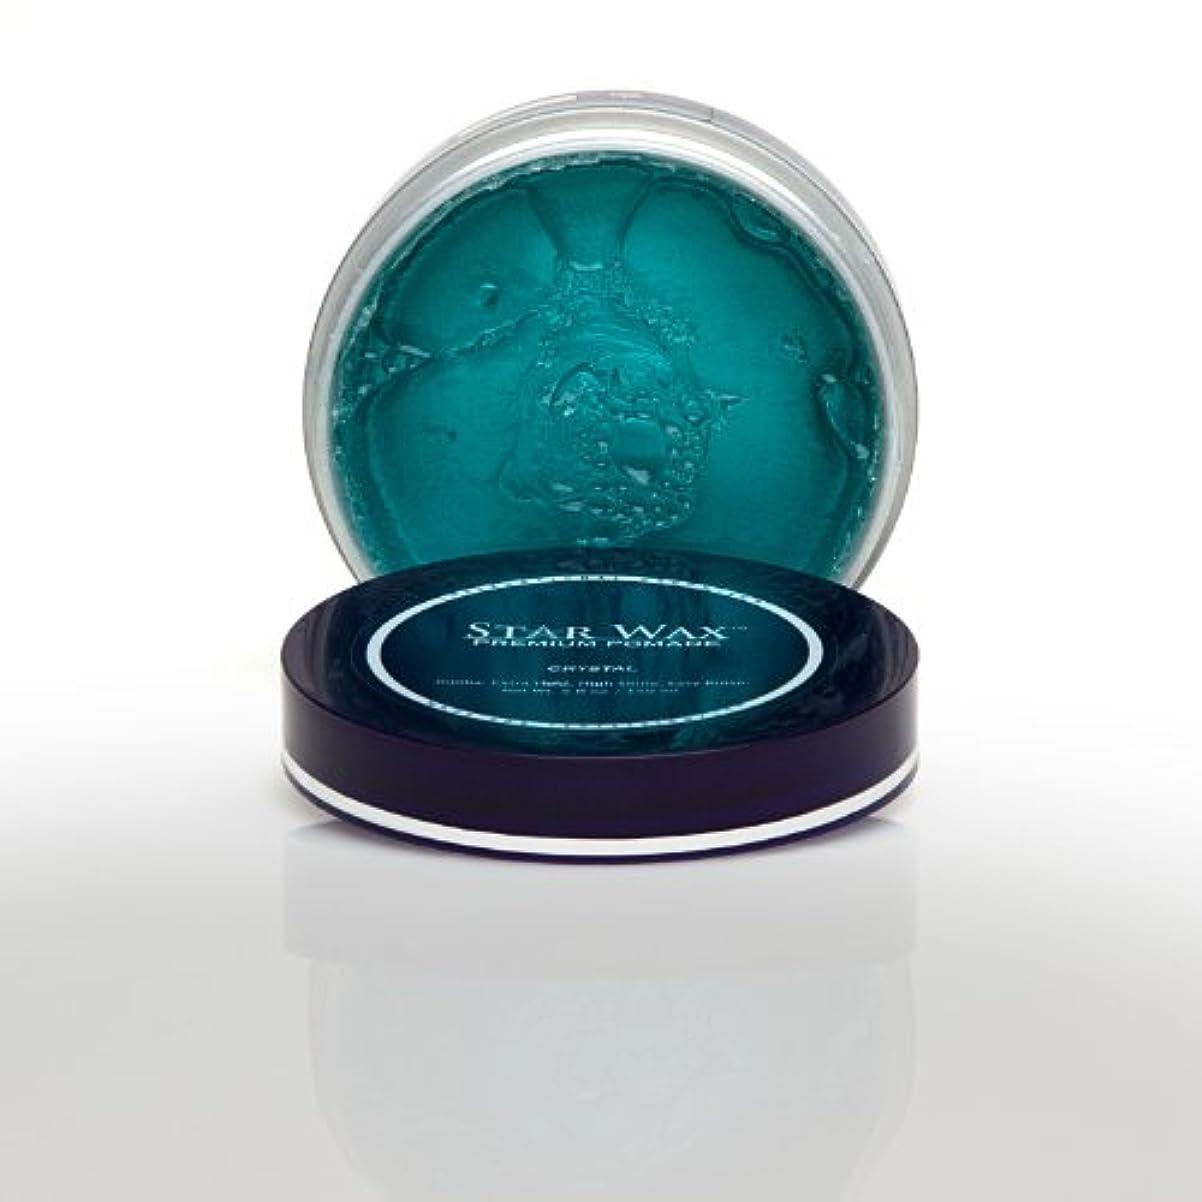 修士号祖母天才Star Wax | Premium Pomade, Crystal(スターワックスプレミアム ポマード「クリスタル」)?Star Pro Line(スタープロライン)製?5(液量)オンス/150ml